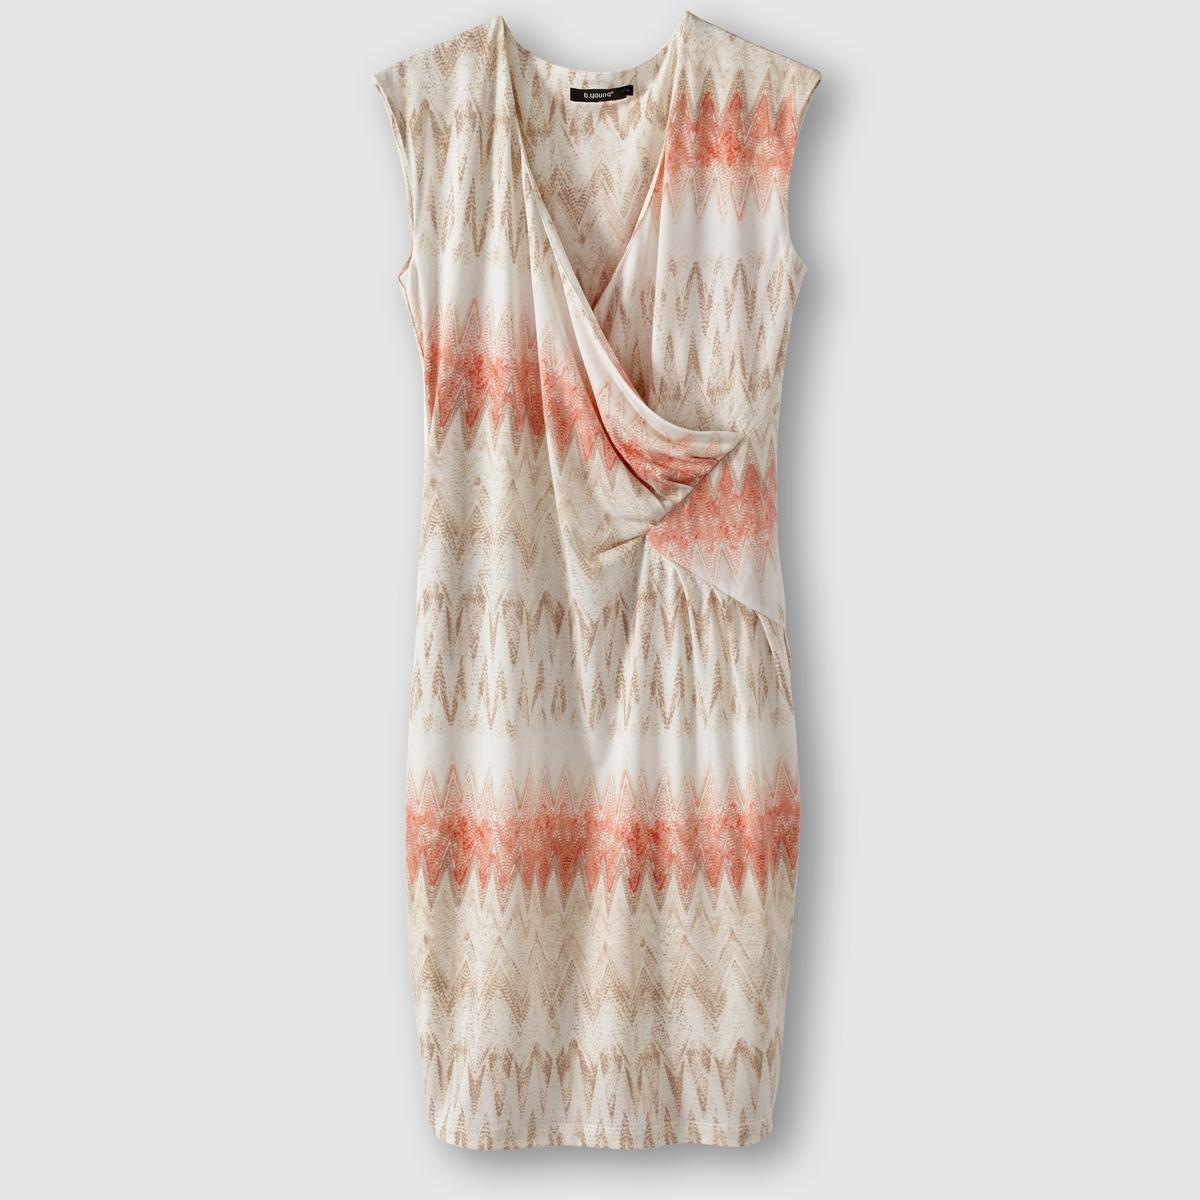 Платье с геометрическим принтом SANJA DRESSСостав и описание     Материал - 95% полиэстера, 5% эластана.     Марка  B.YOUNG<br><br>Цвет: оранжевый/серо-коричневый